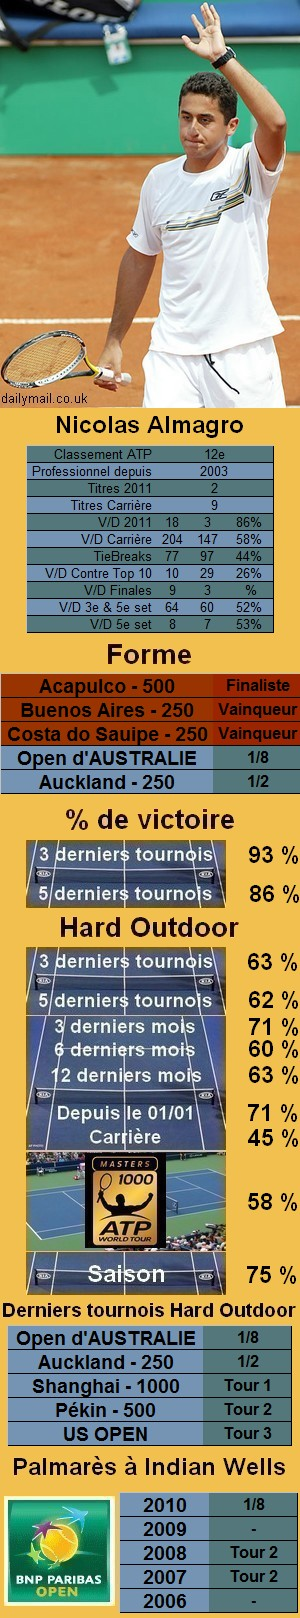 Les statistiques tennis de Nicolas Almagro pour le tournoi de Indian Wells